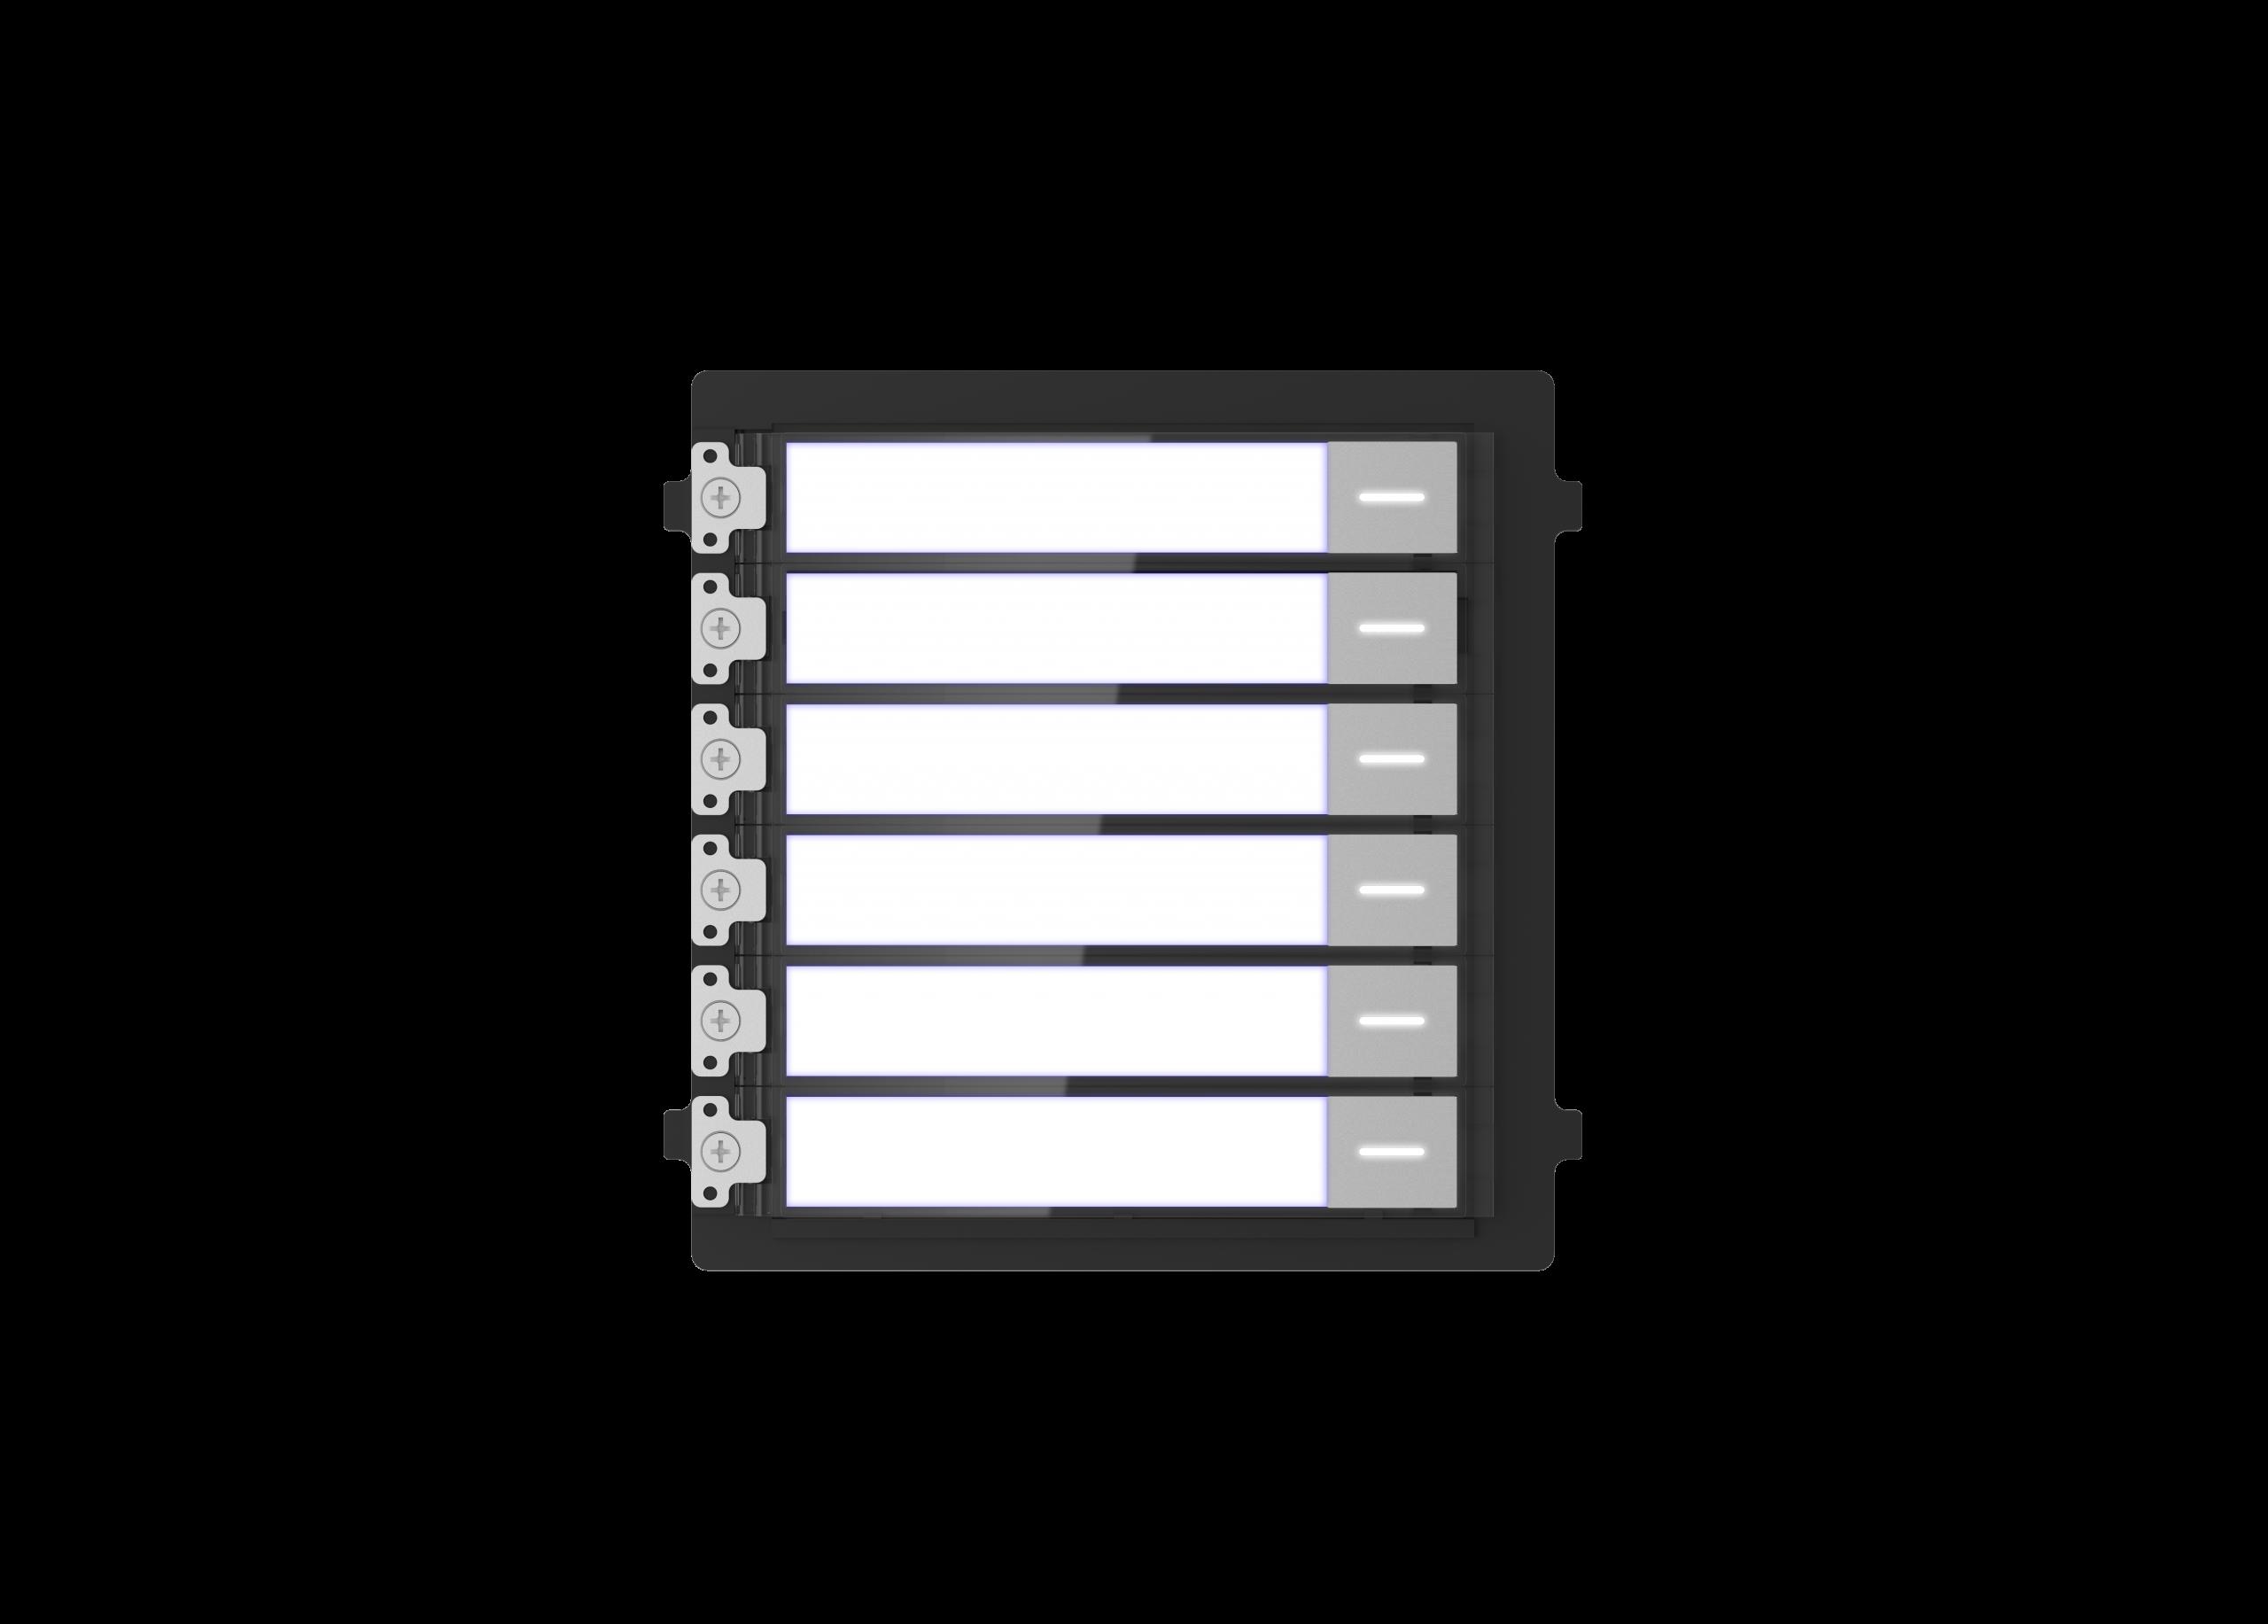 DS-KD-KK_Nametag Module(2)